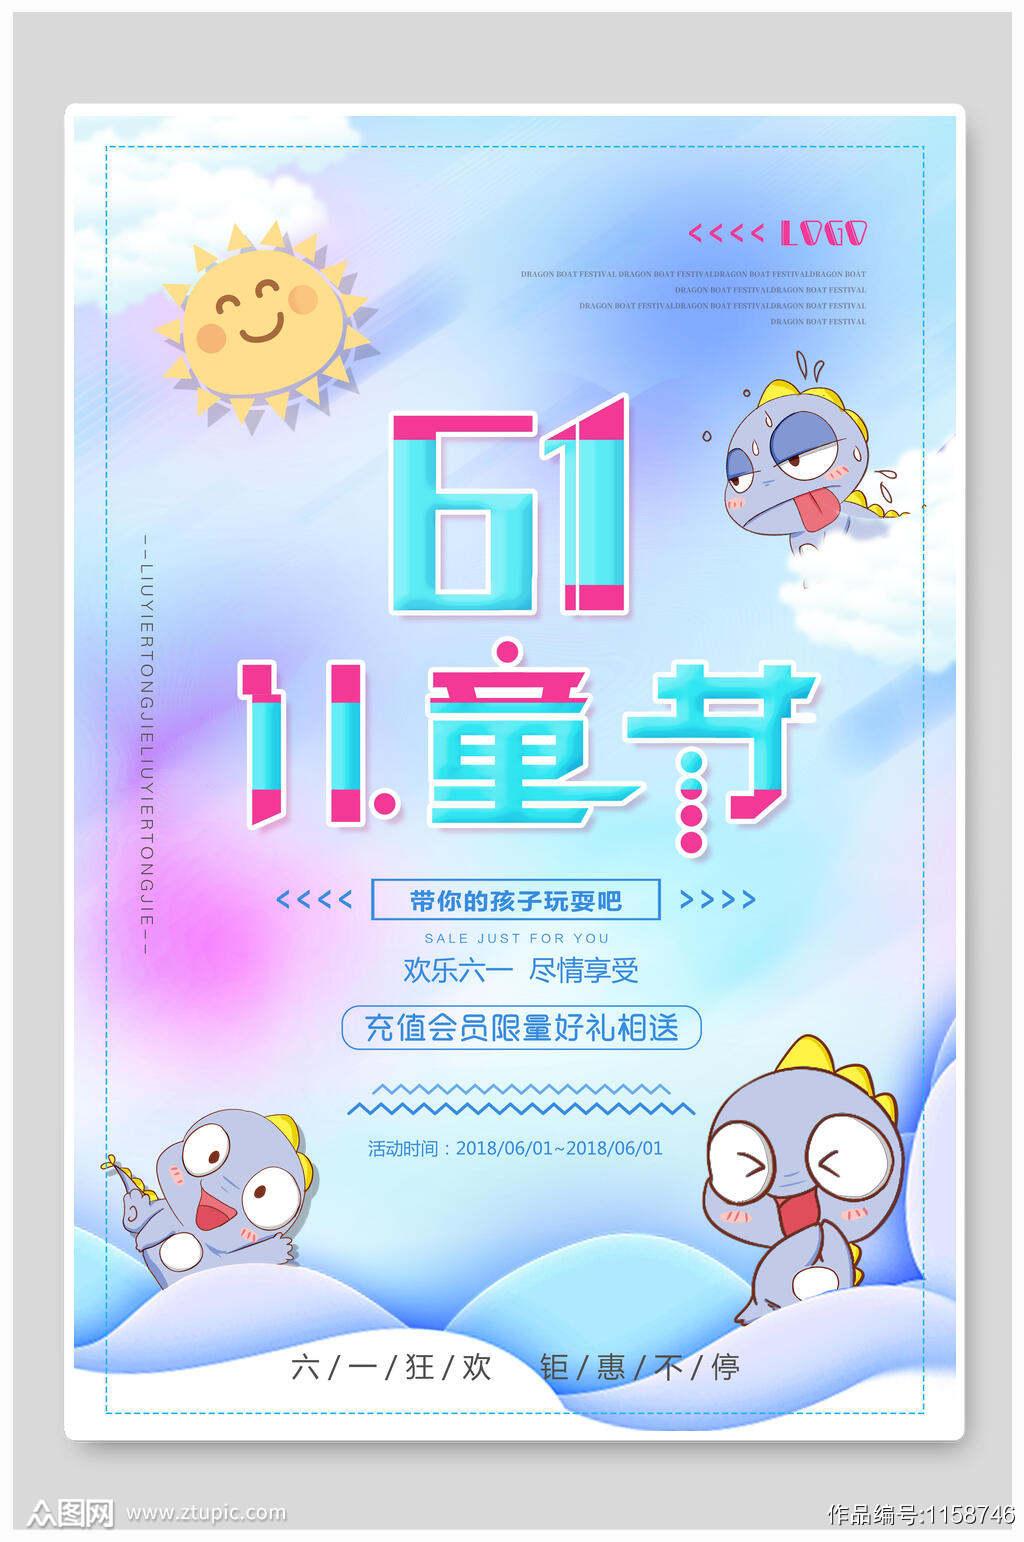 六一儿童节活动宣传海报设计素材